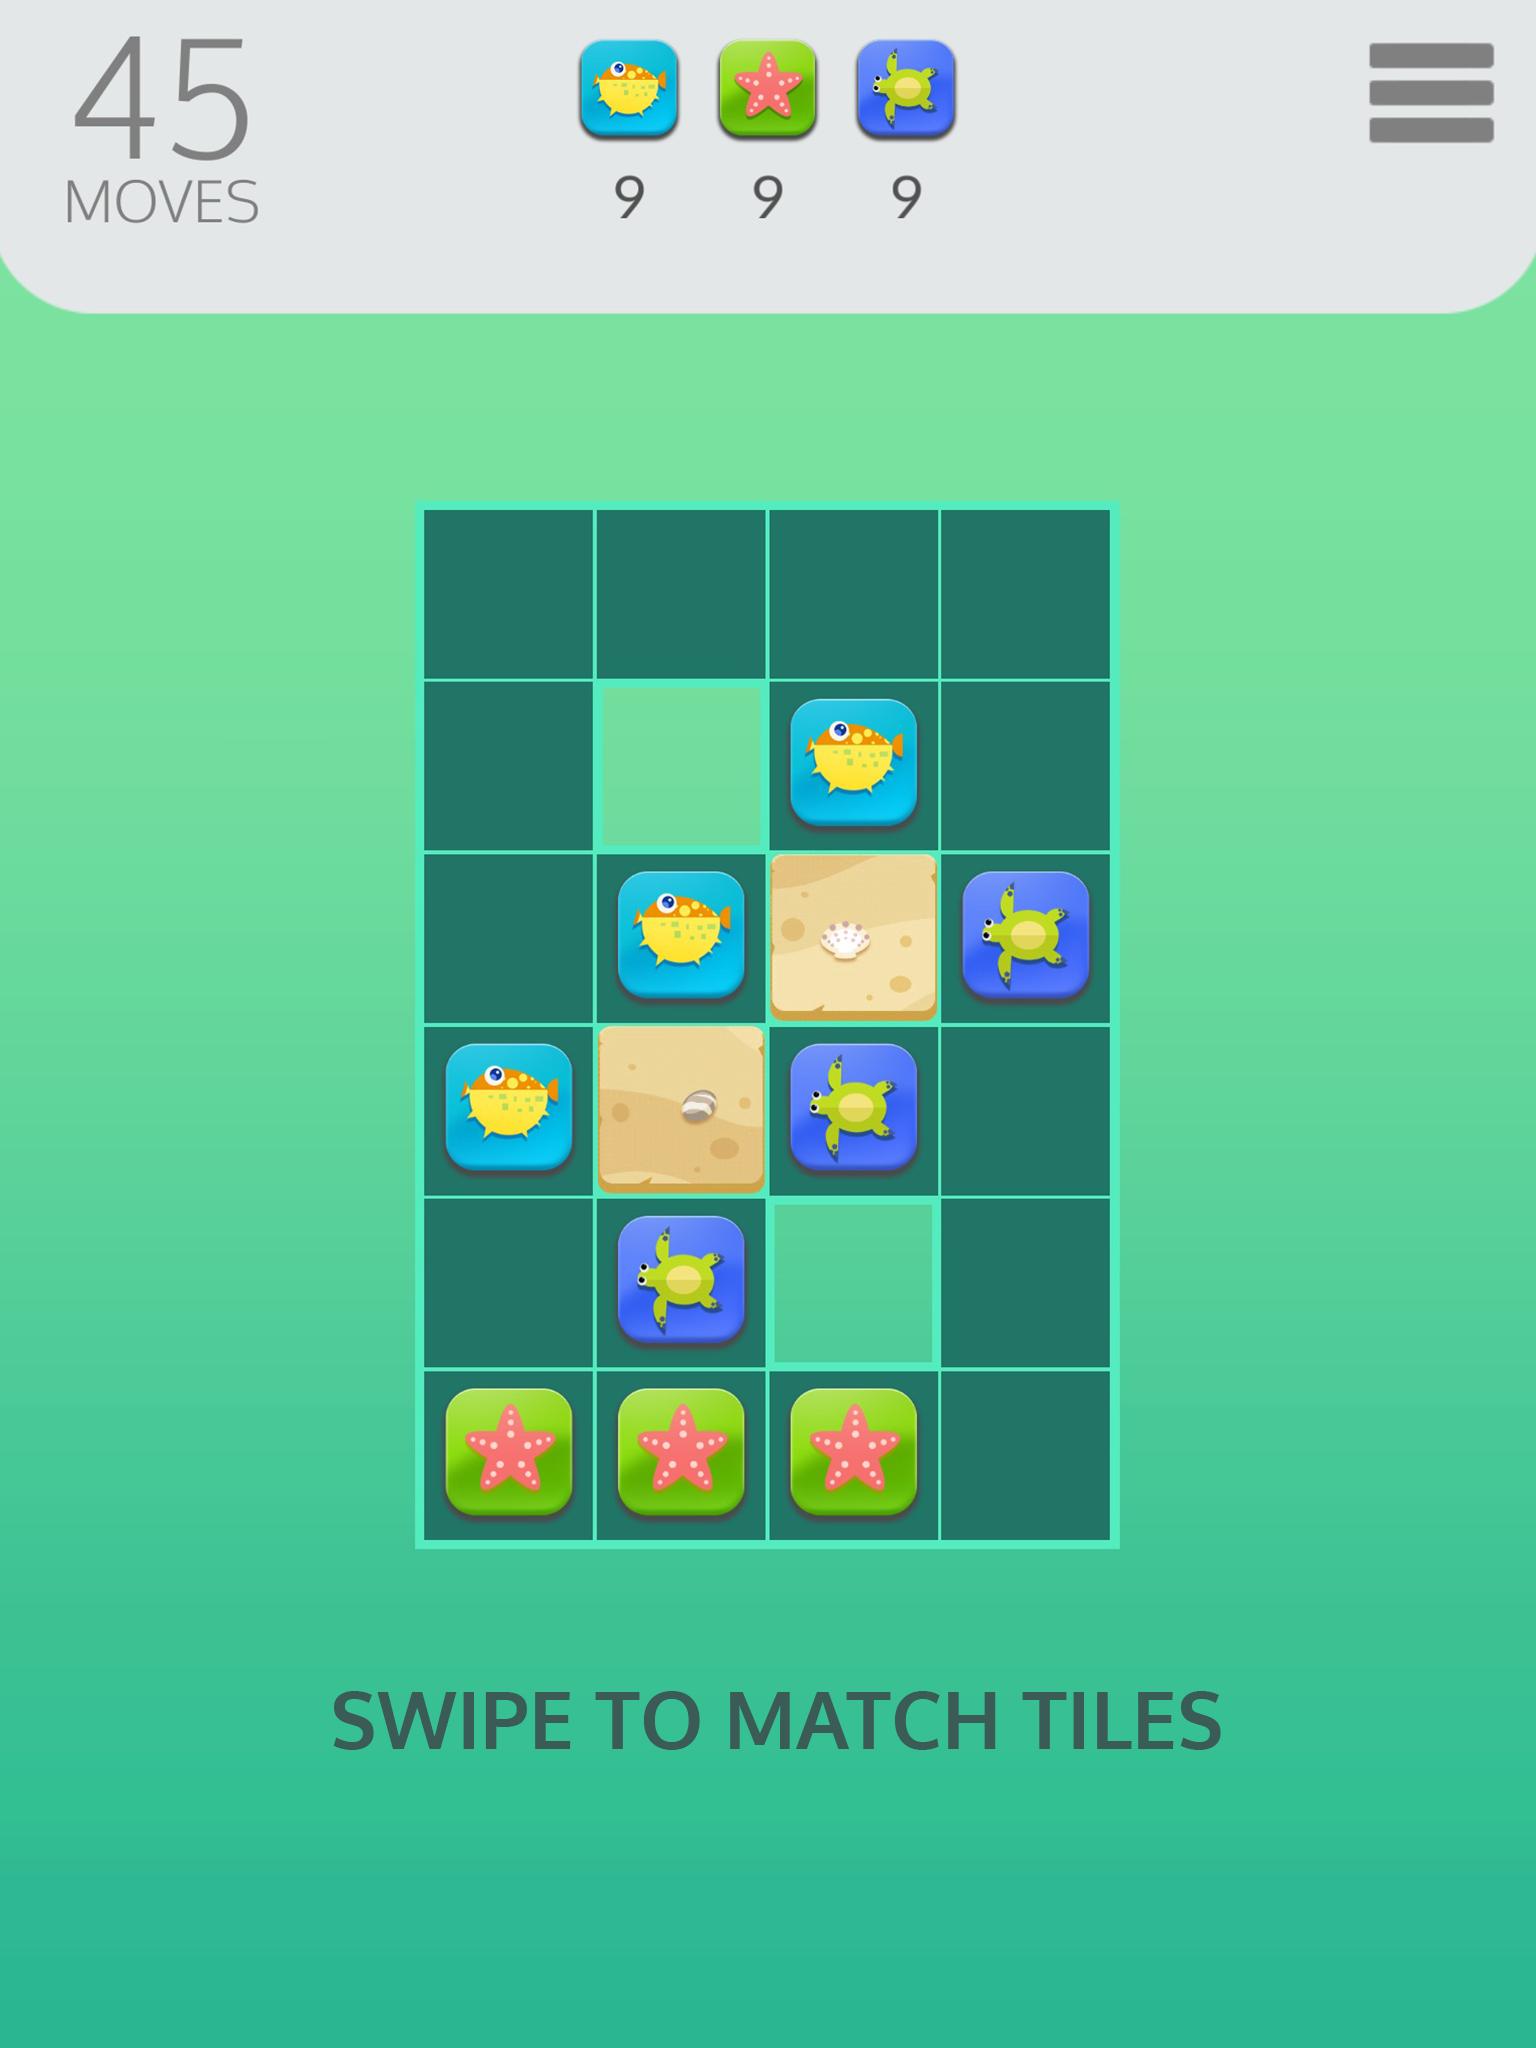 threeSwipes_level15.png